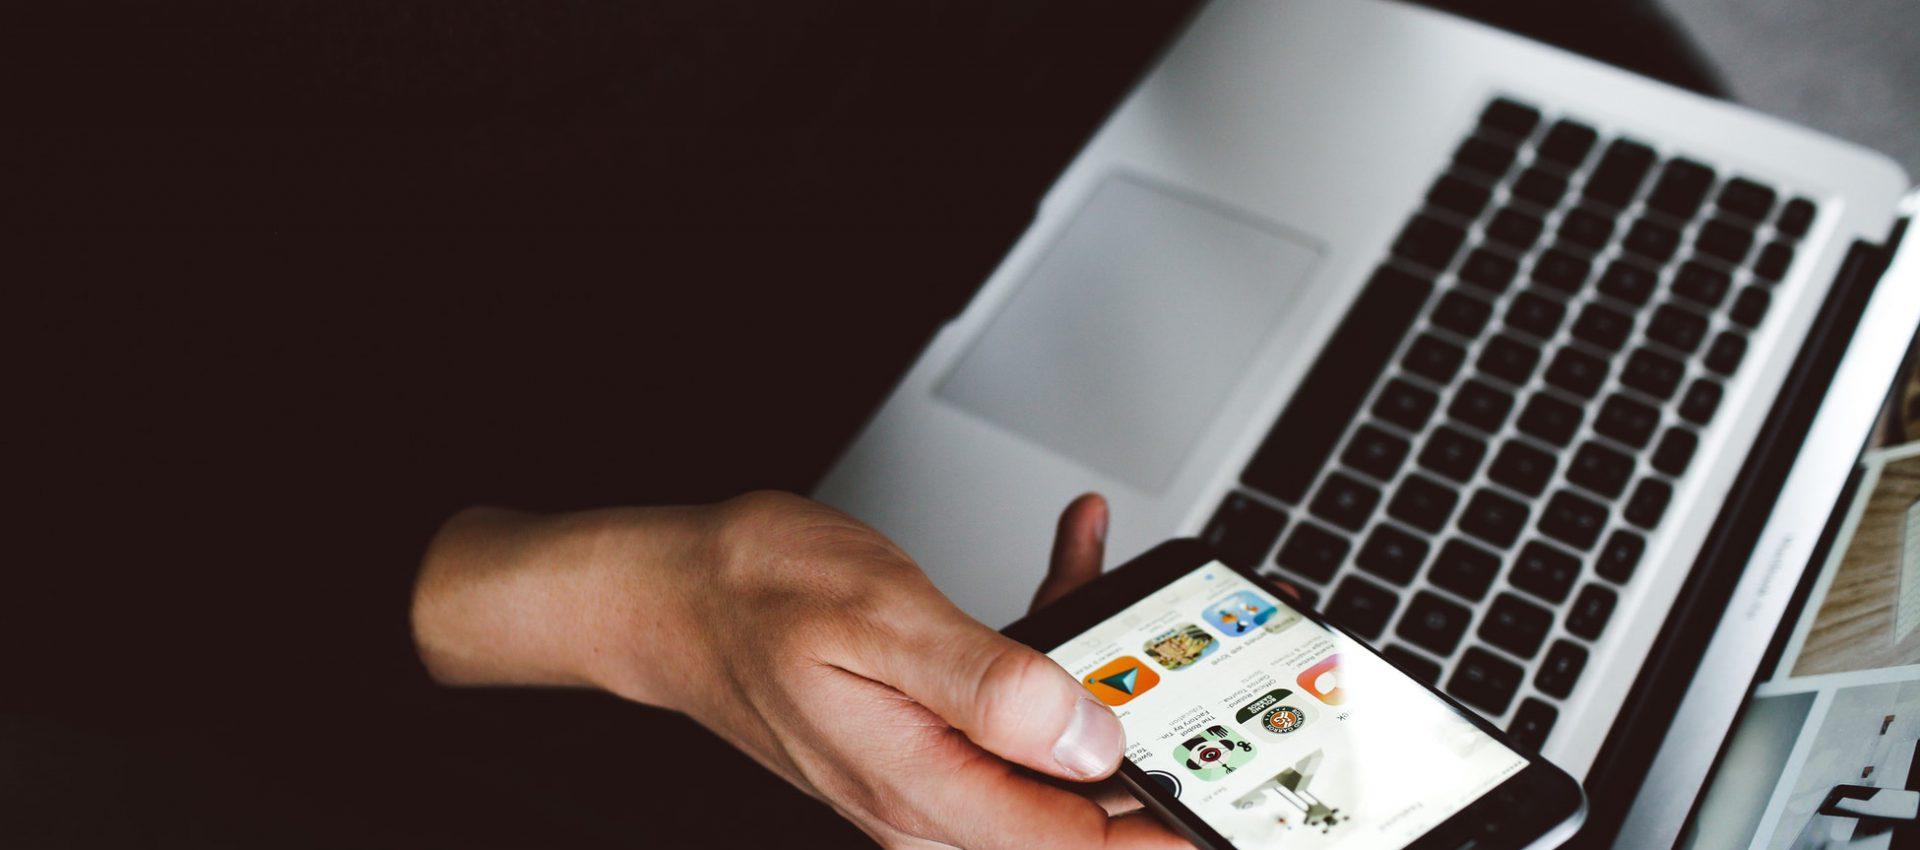 Afbeelding voor 10 snelle tips voor betere conversie op je website